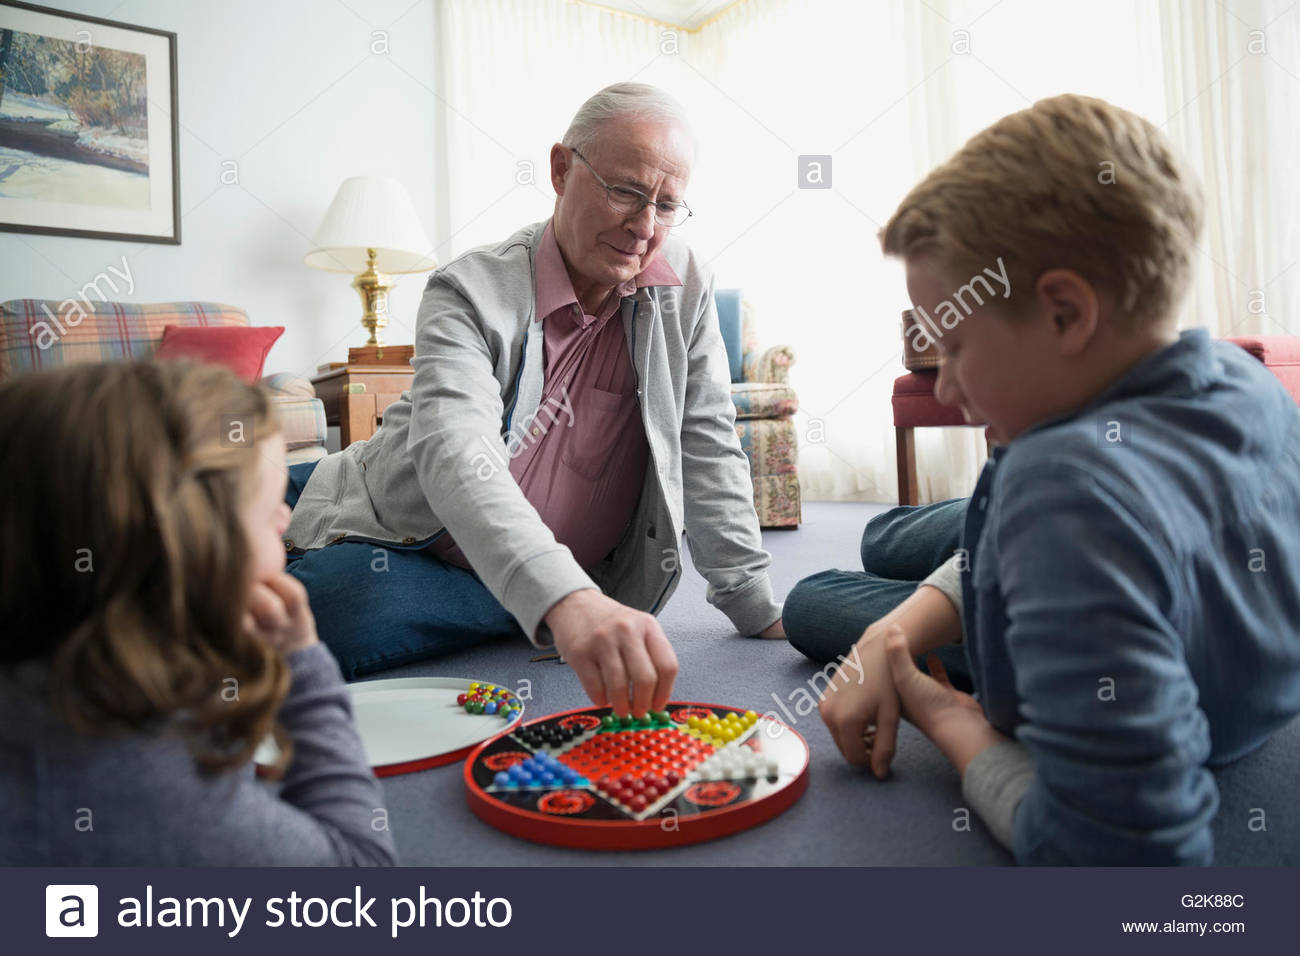 Großvater und Enkel spielen Chinese checkers Stockbild